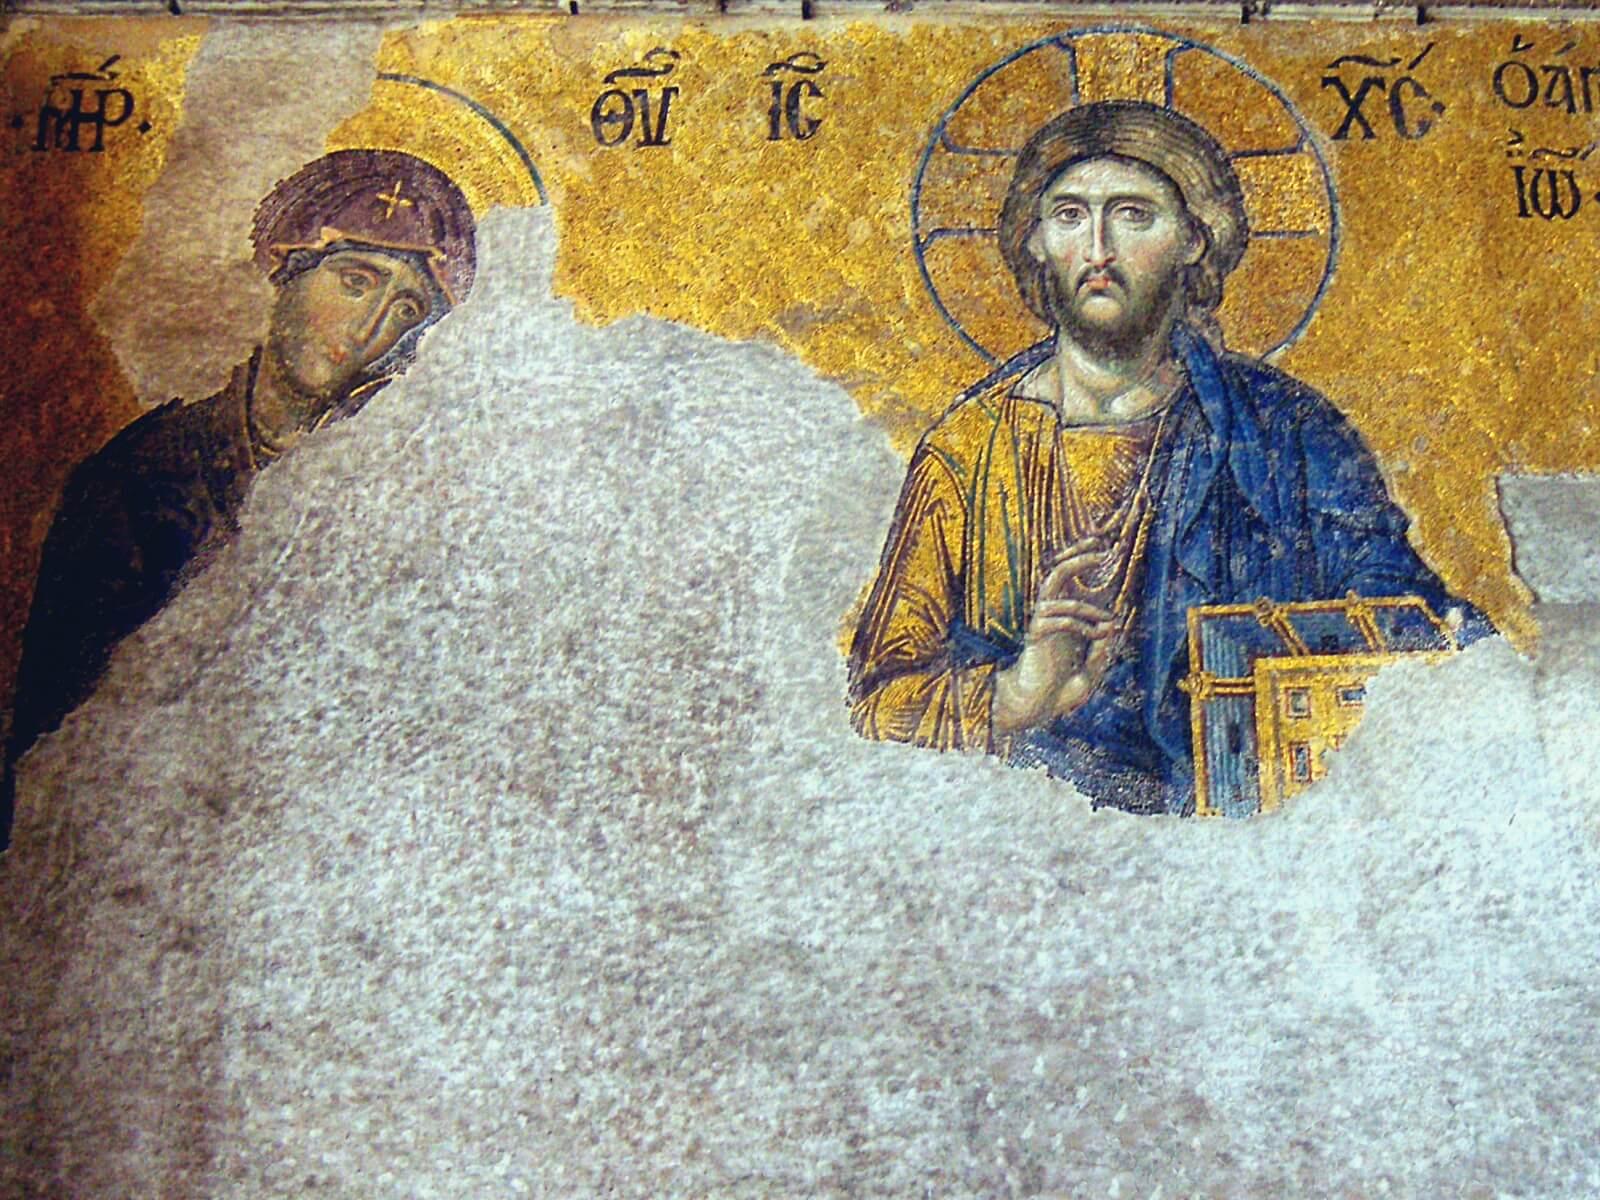 Freski z Hagia Sophii w Stambule, w Turcji.